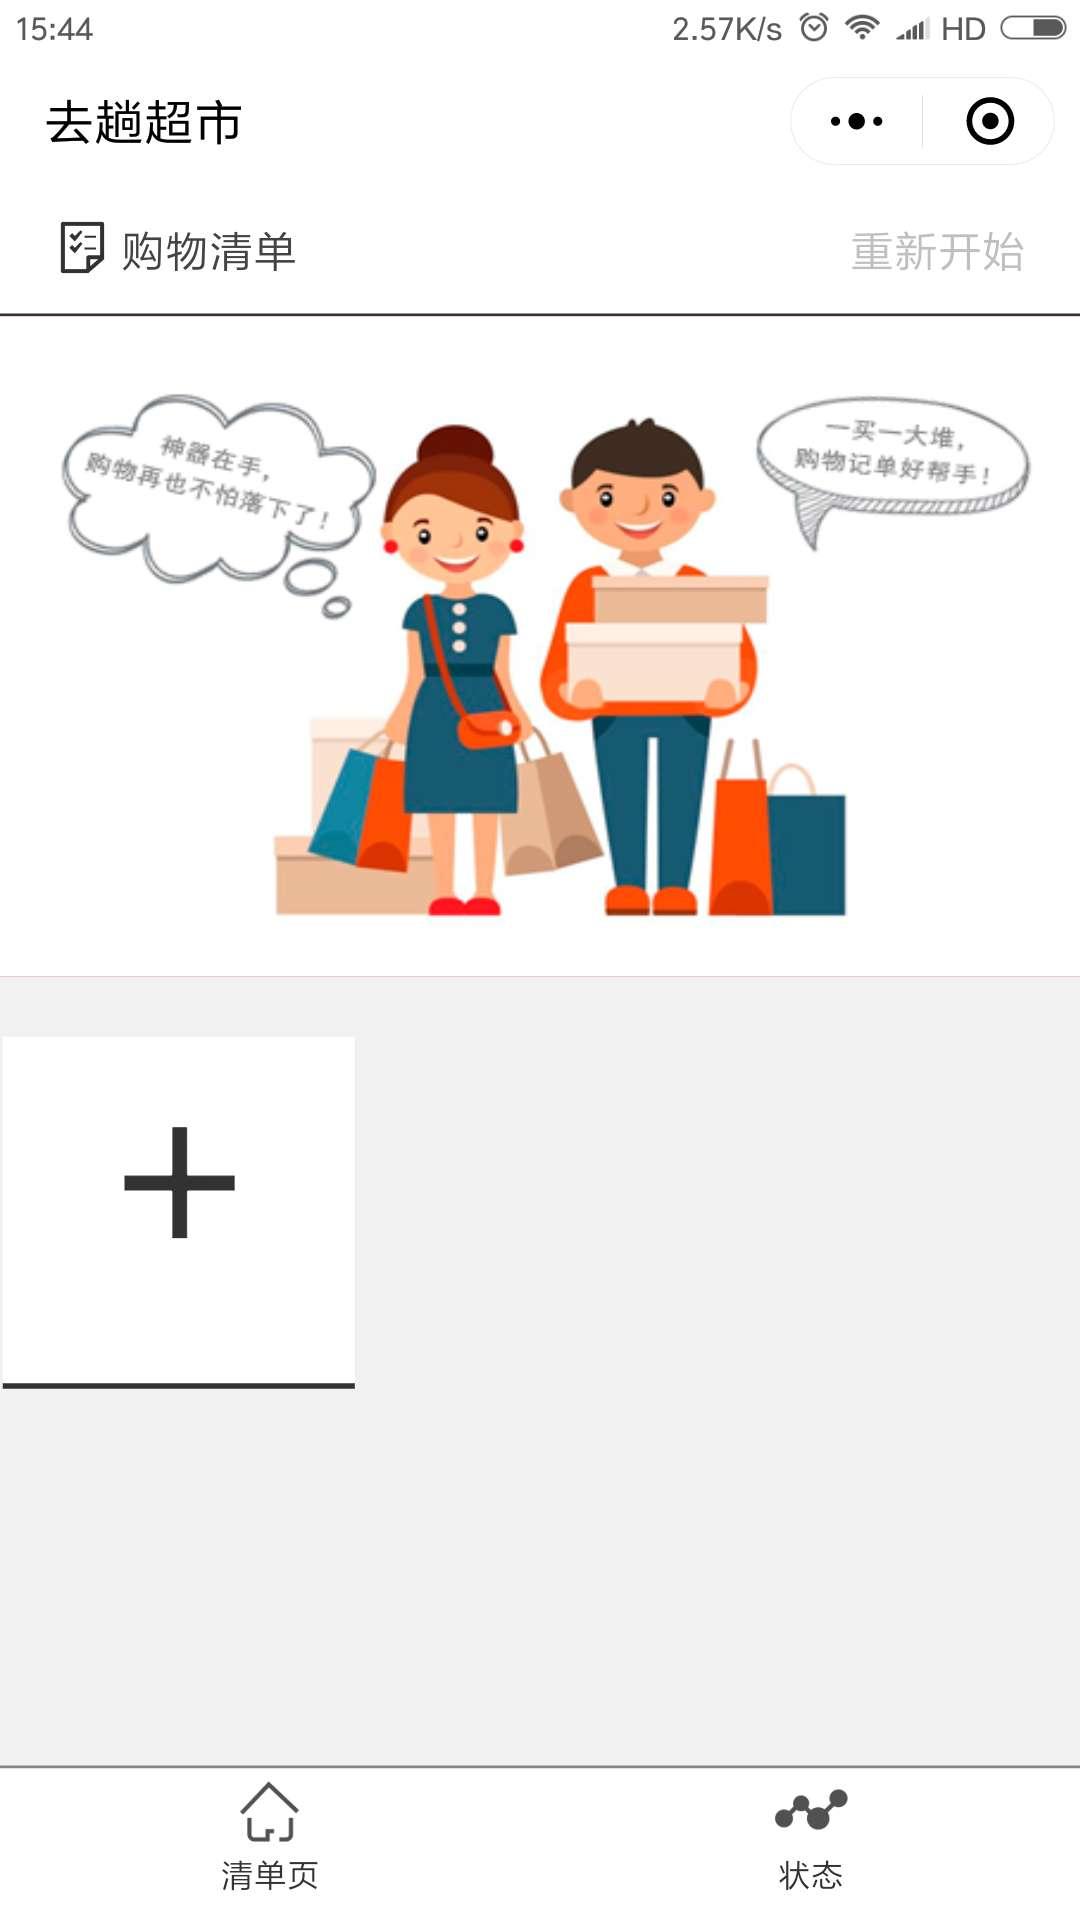 小清单购物小程序截图